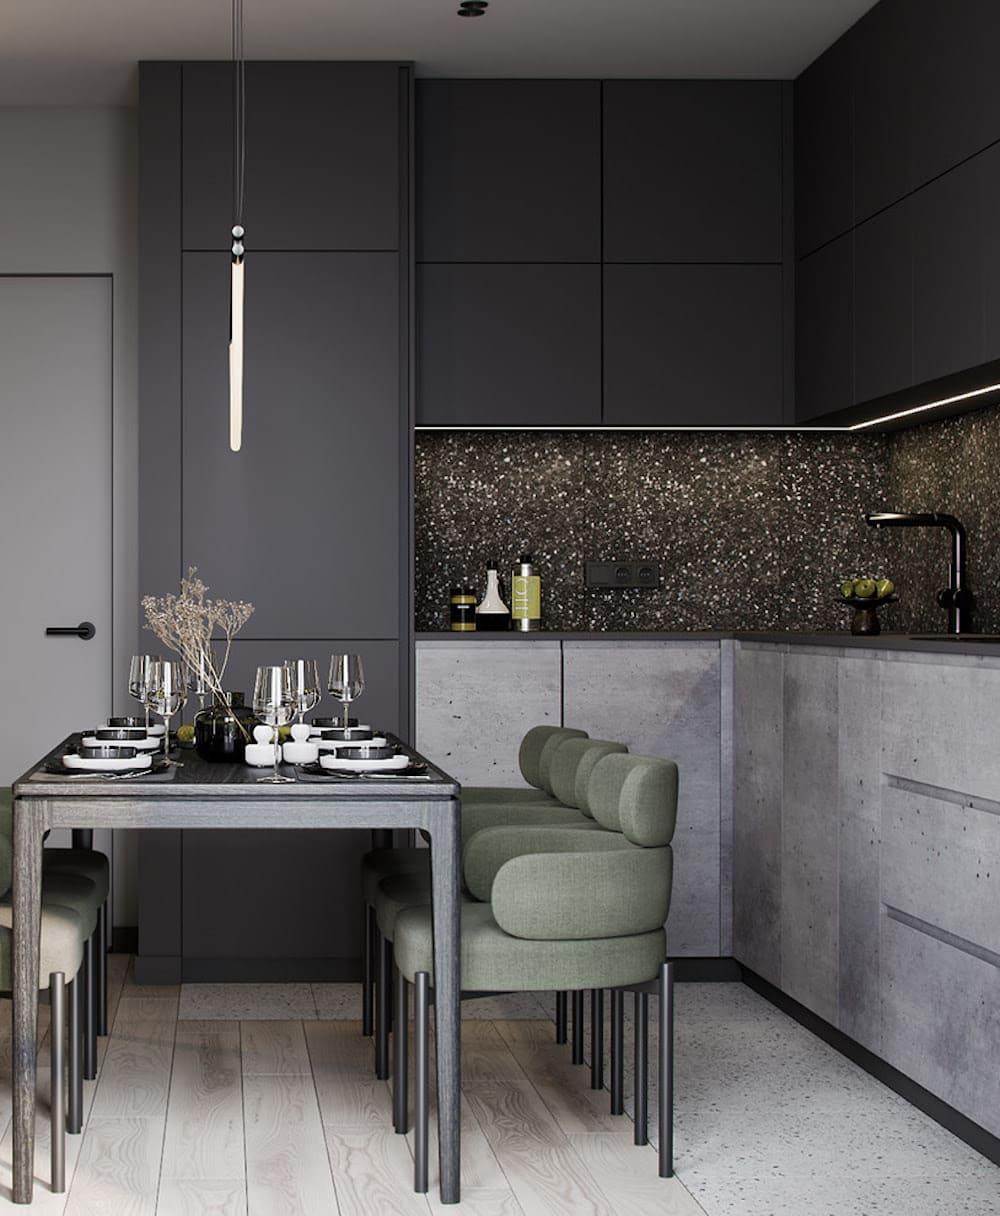 дизайн кухни в современном стиле фото 102